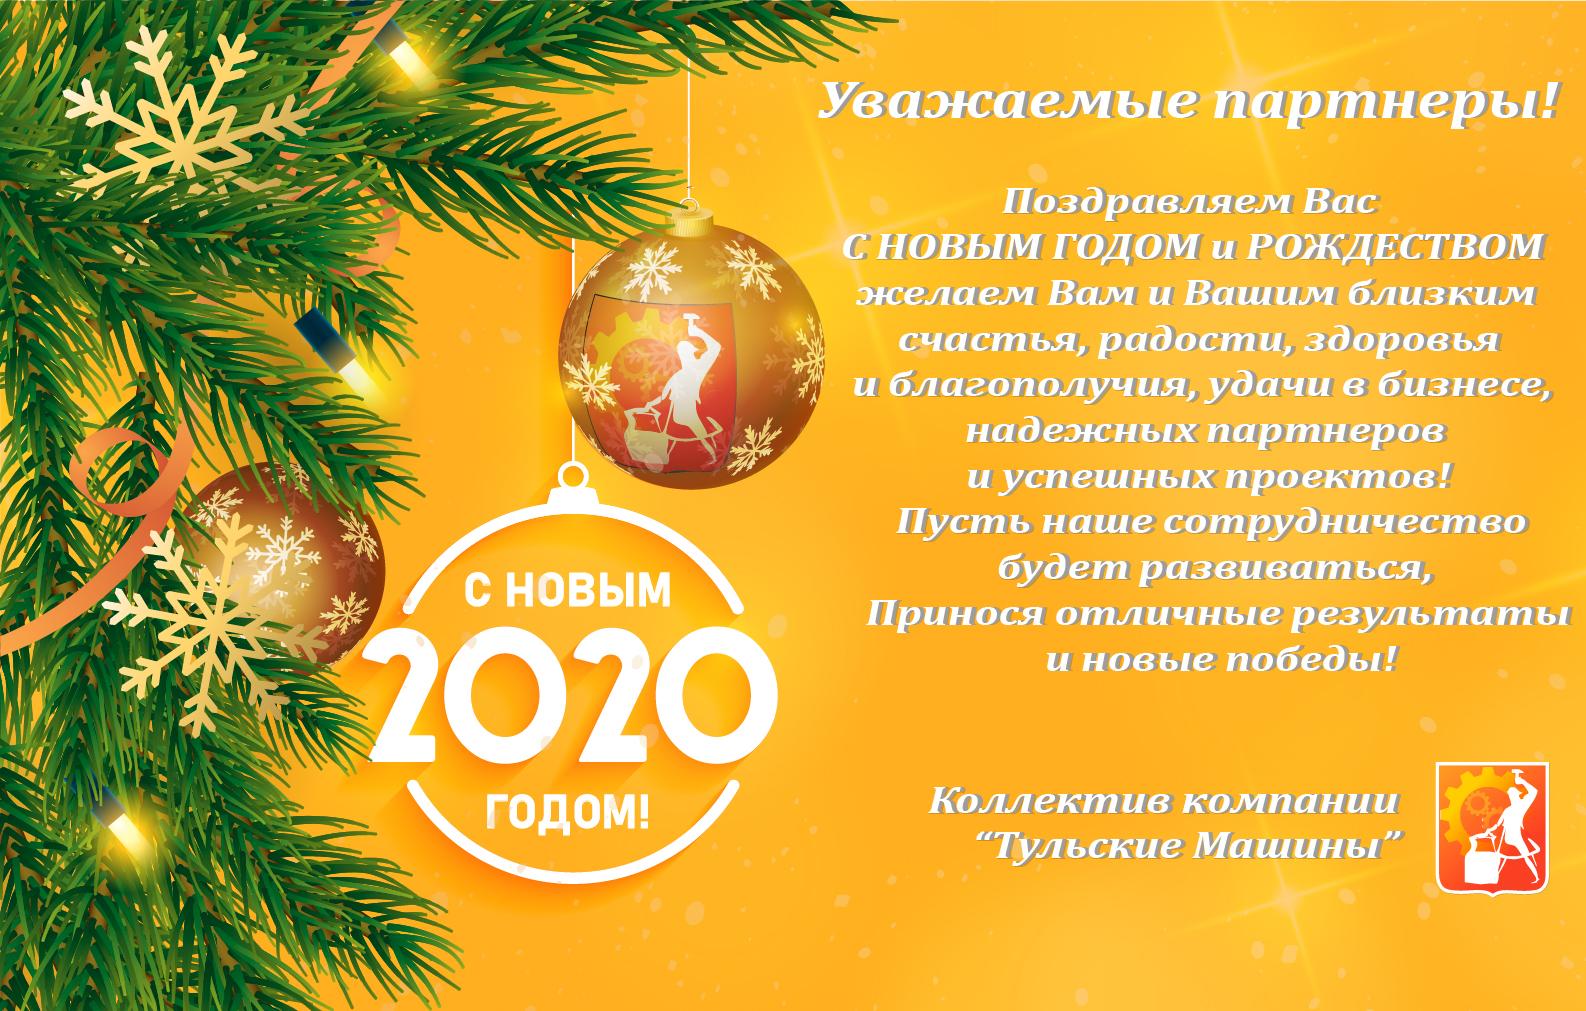 Коллектив компании «Тульские машины», поздравляет всех клиентов и партнеров, с наступающим новым годом и рождеством!